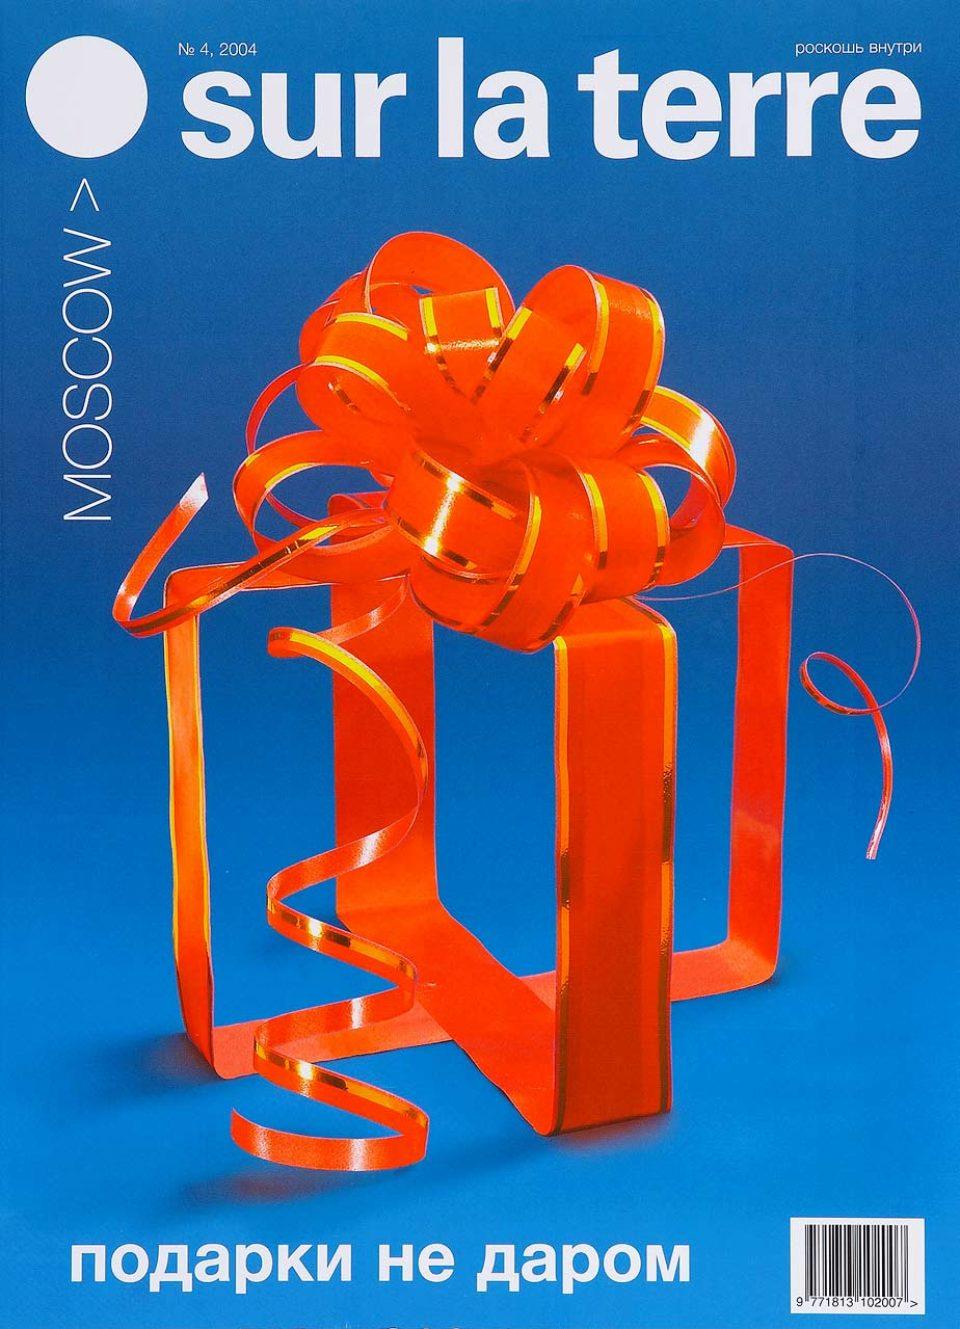 Не дырка от бублика, а ленточка от подарка!